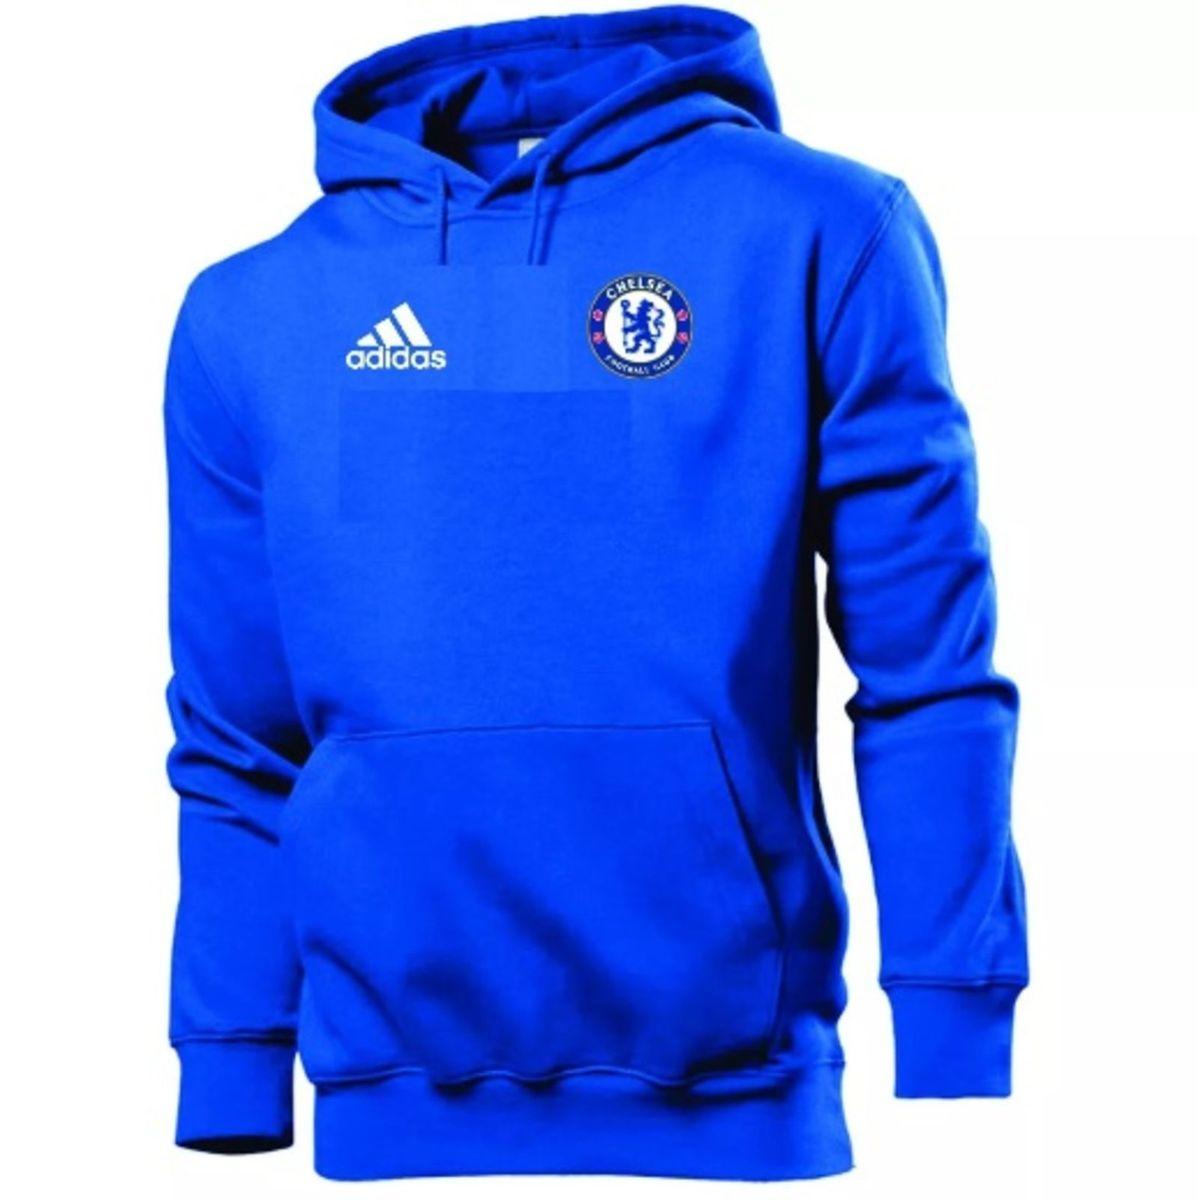 d3307b9832 blusa moletom chelsea futebol - casaco de frio - casacos adidas